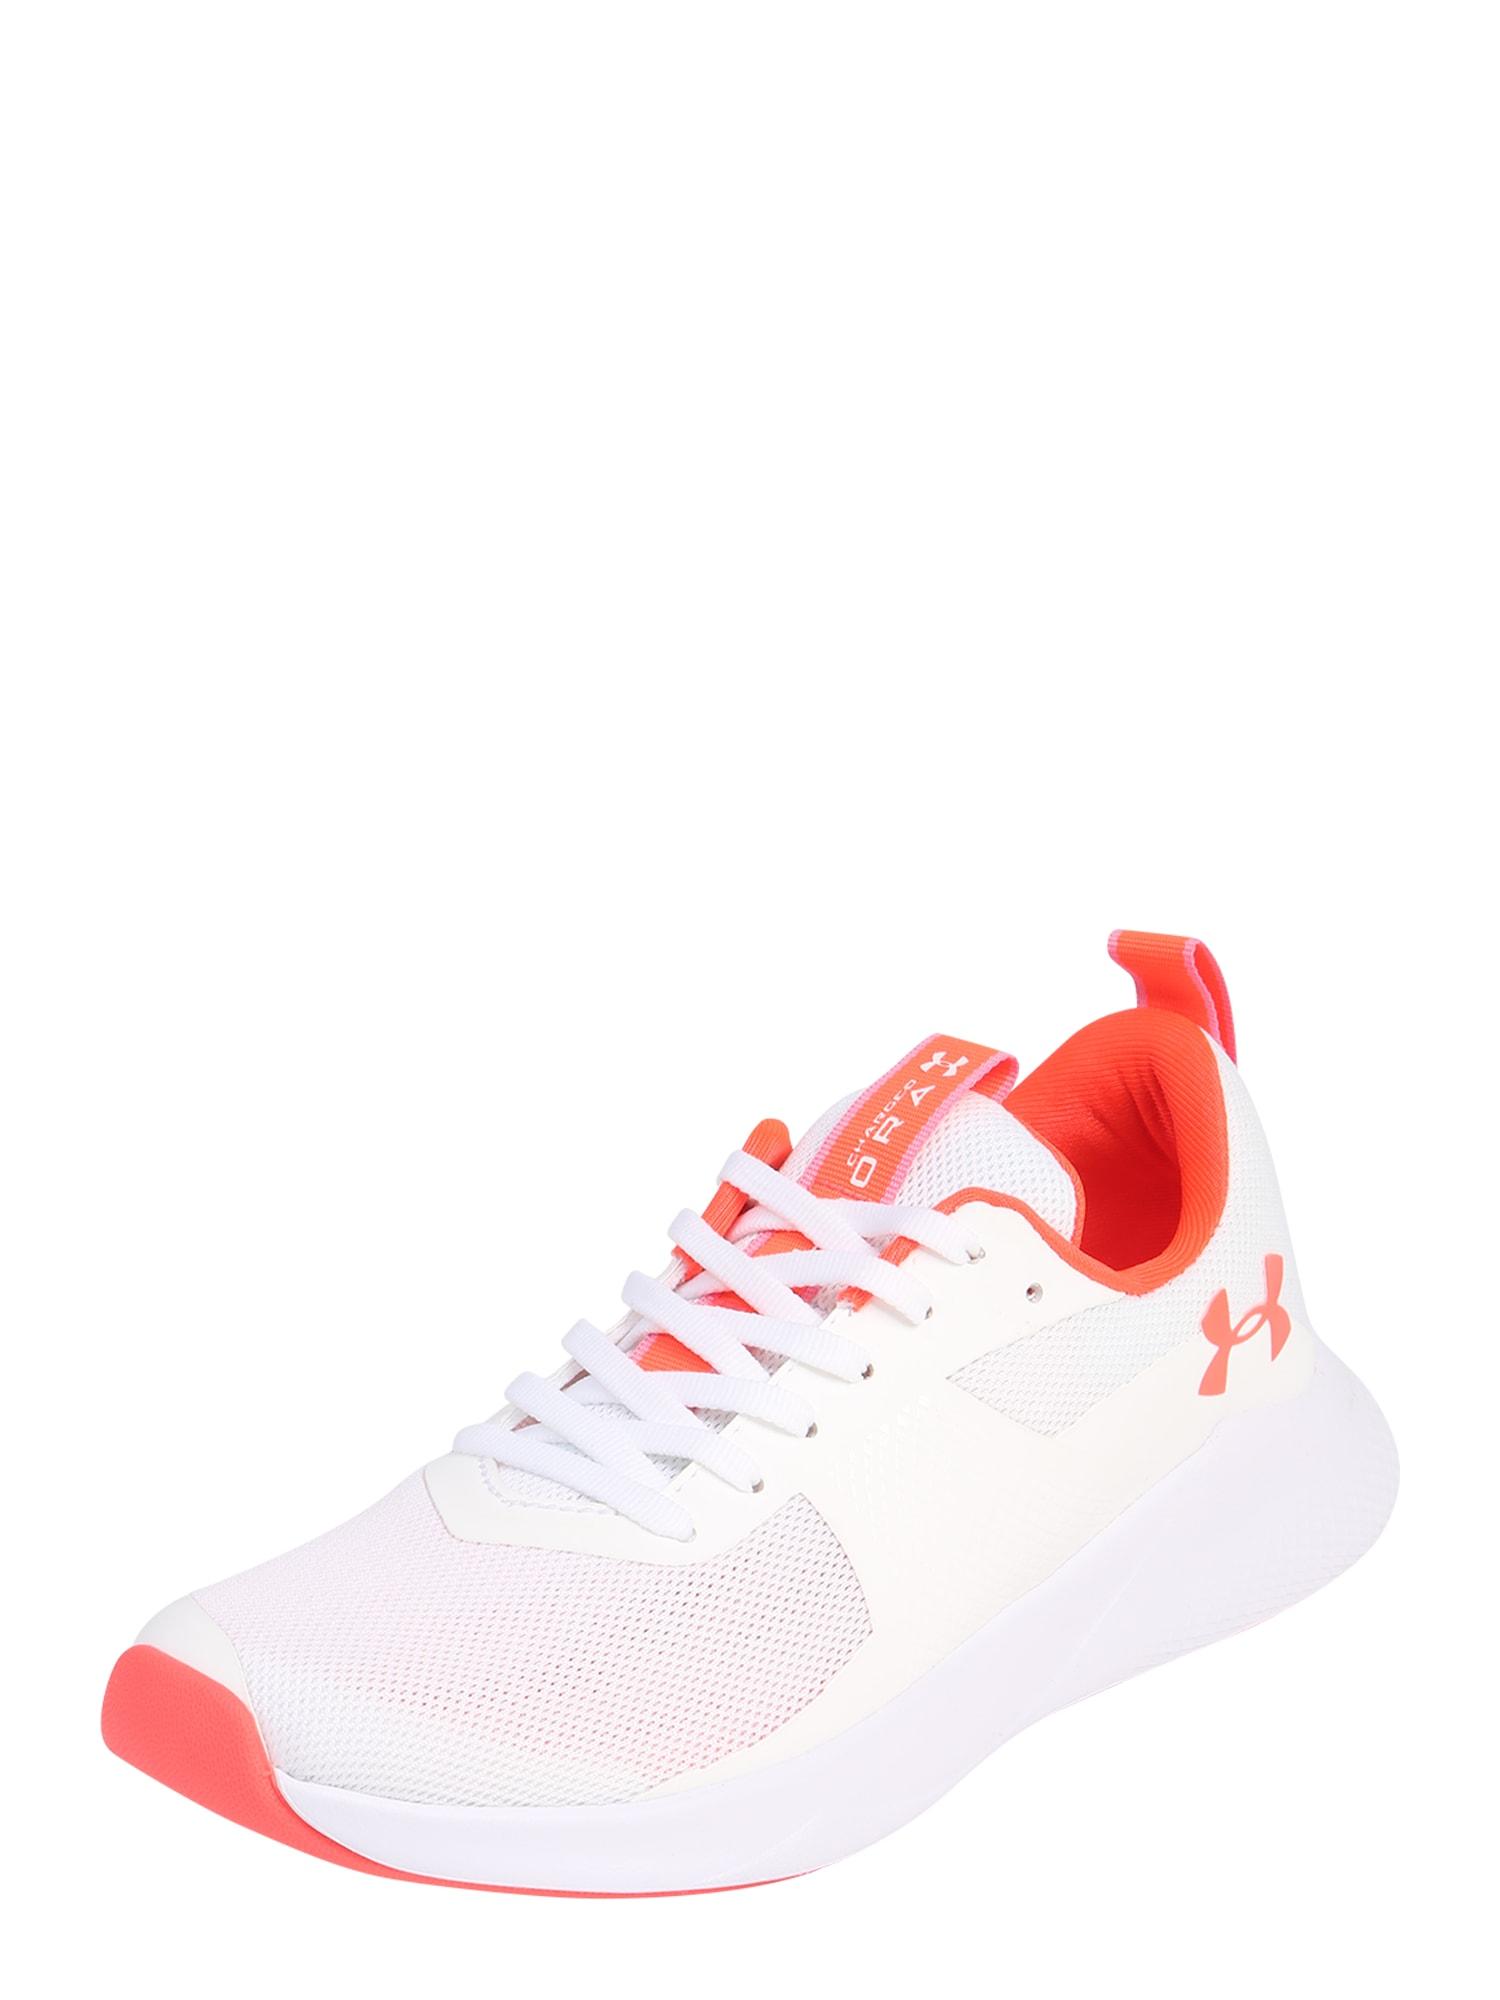 UNDER ARMOUR Bėgimo batai 'UA W Charged Aurora' balta / oranžinė